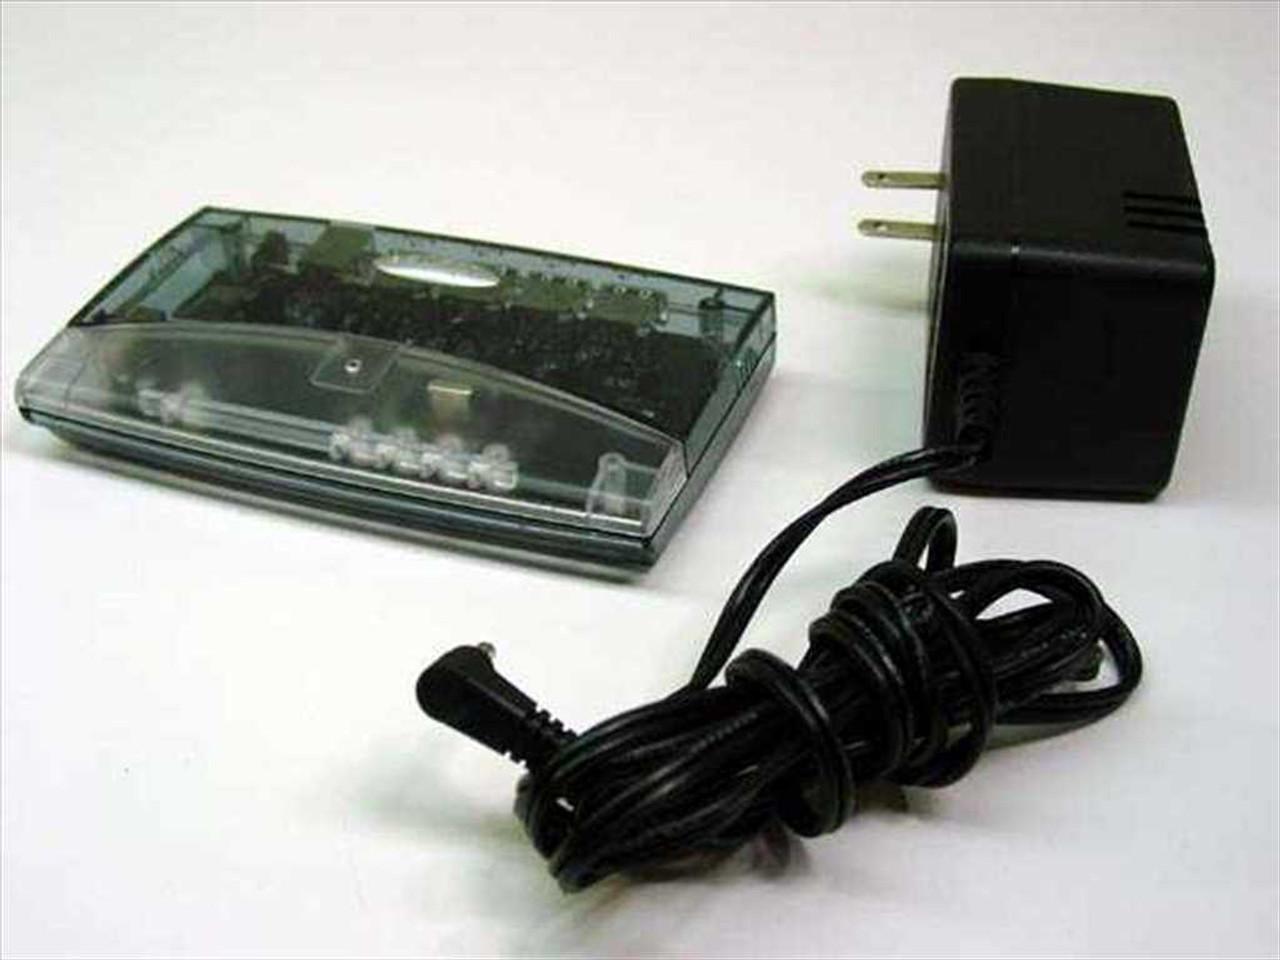 BELKIN USB 4-PORT HUB F5U021 64BIT DRIVER DOWNLOAD